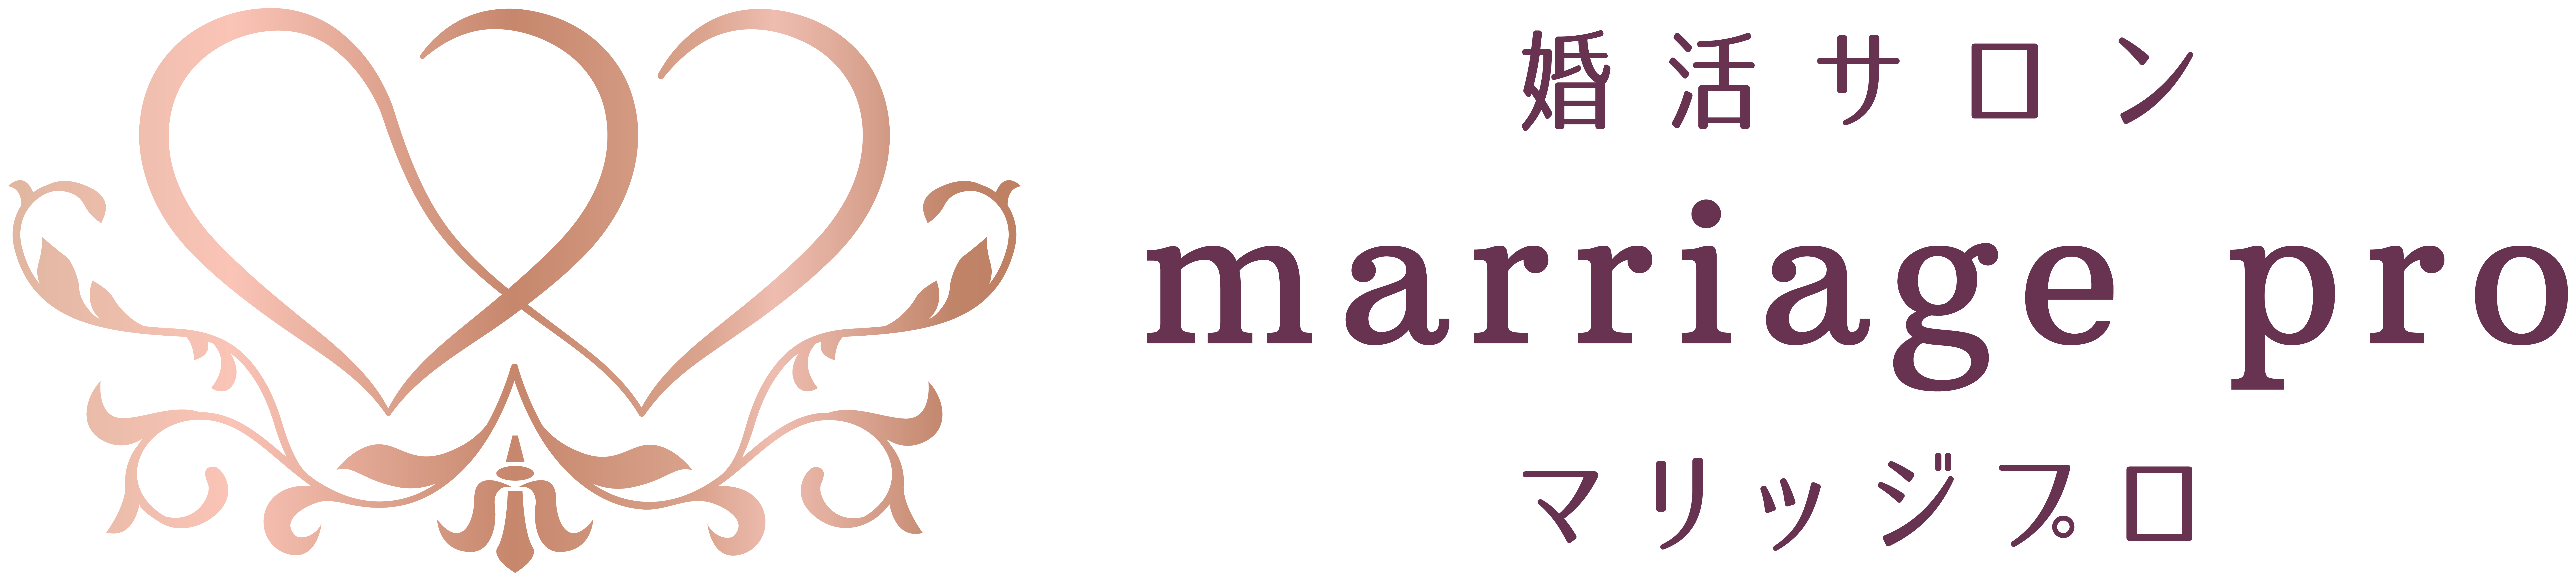 マリッジpro_logo-06